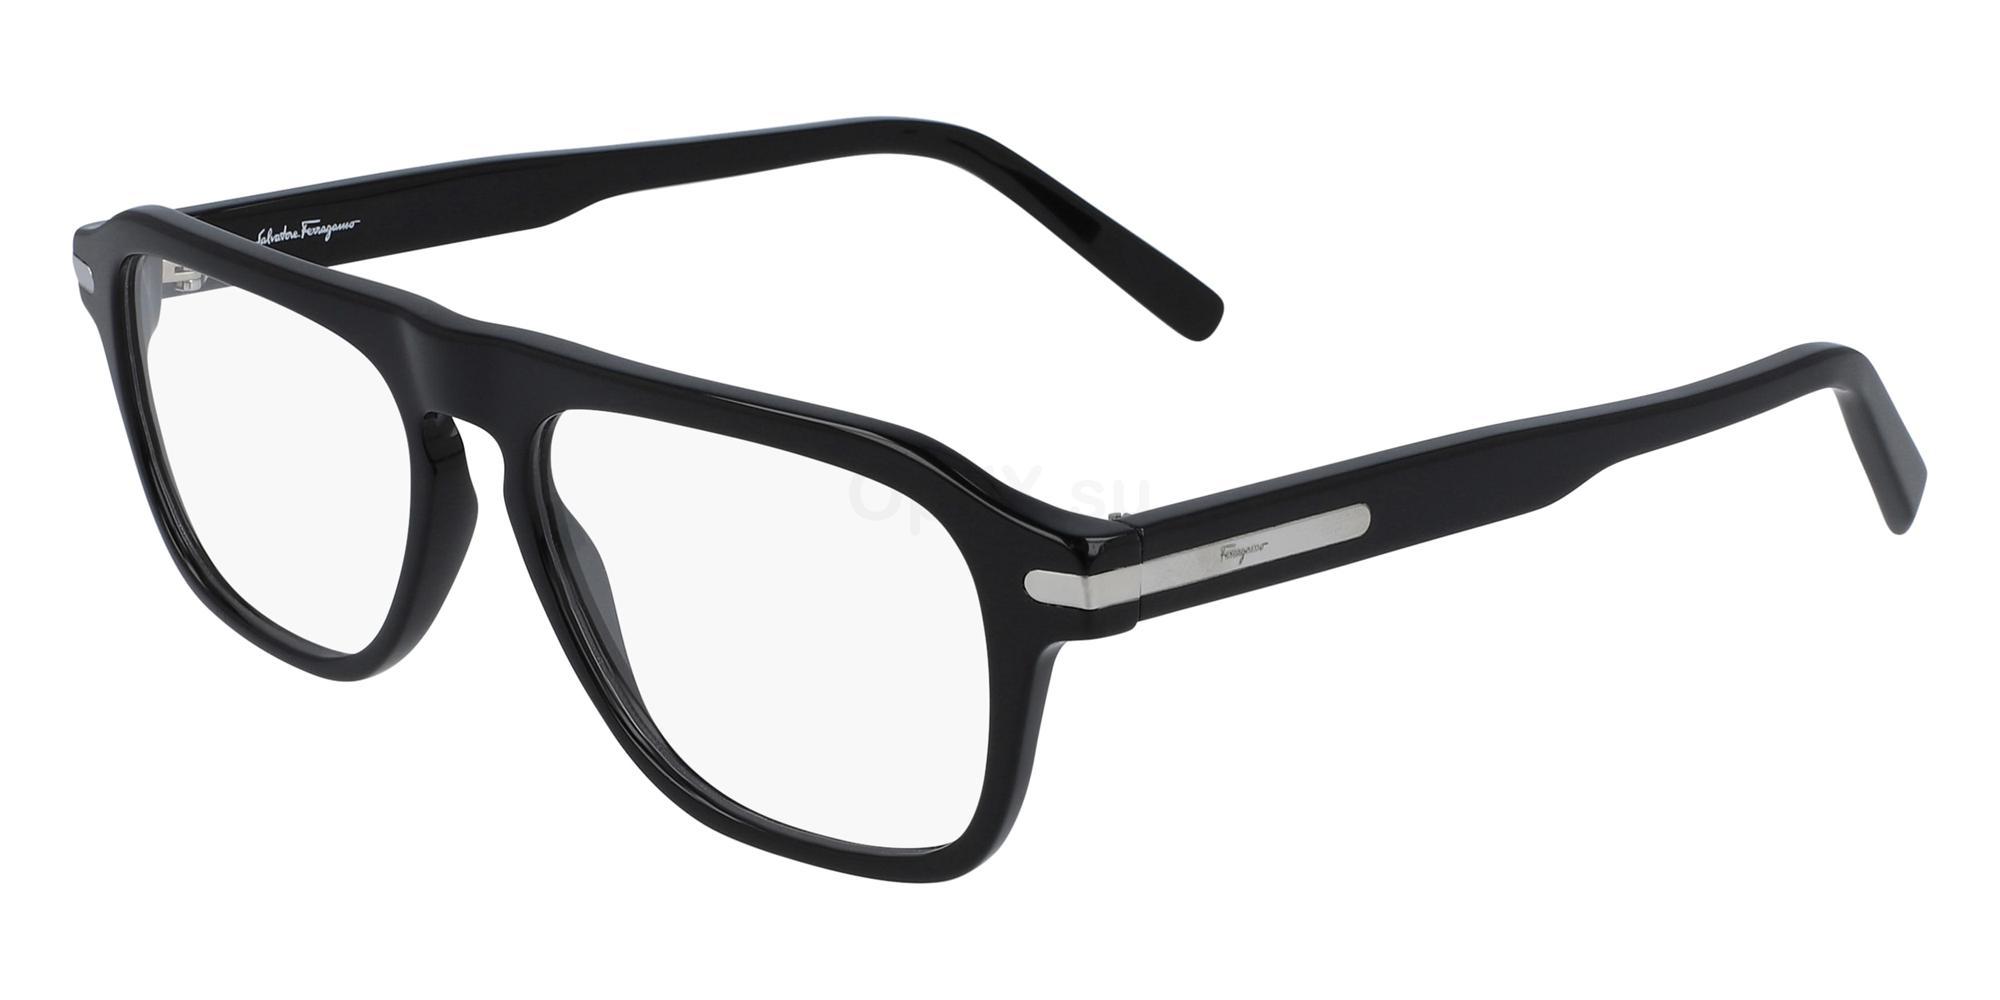 001 SF2869 Glasses, Salvatore Ferragamo